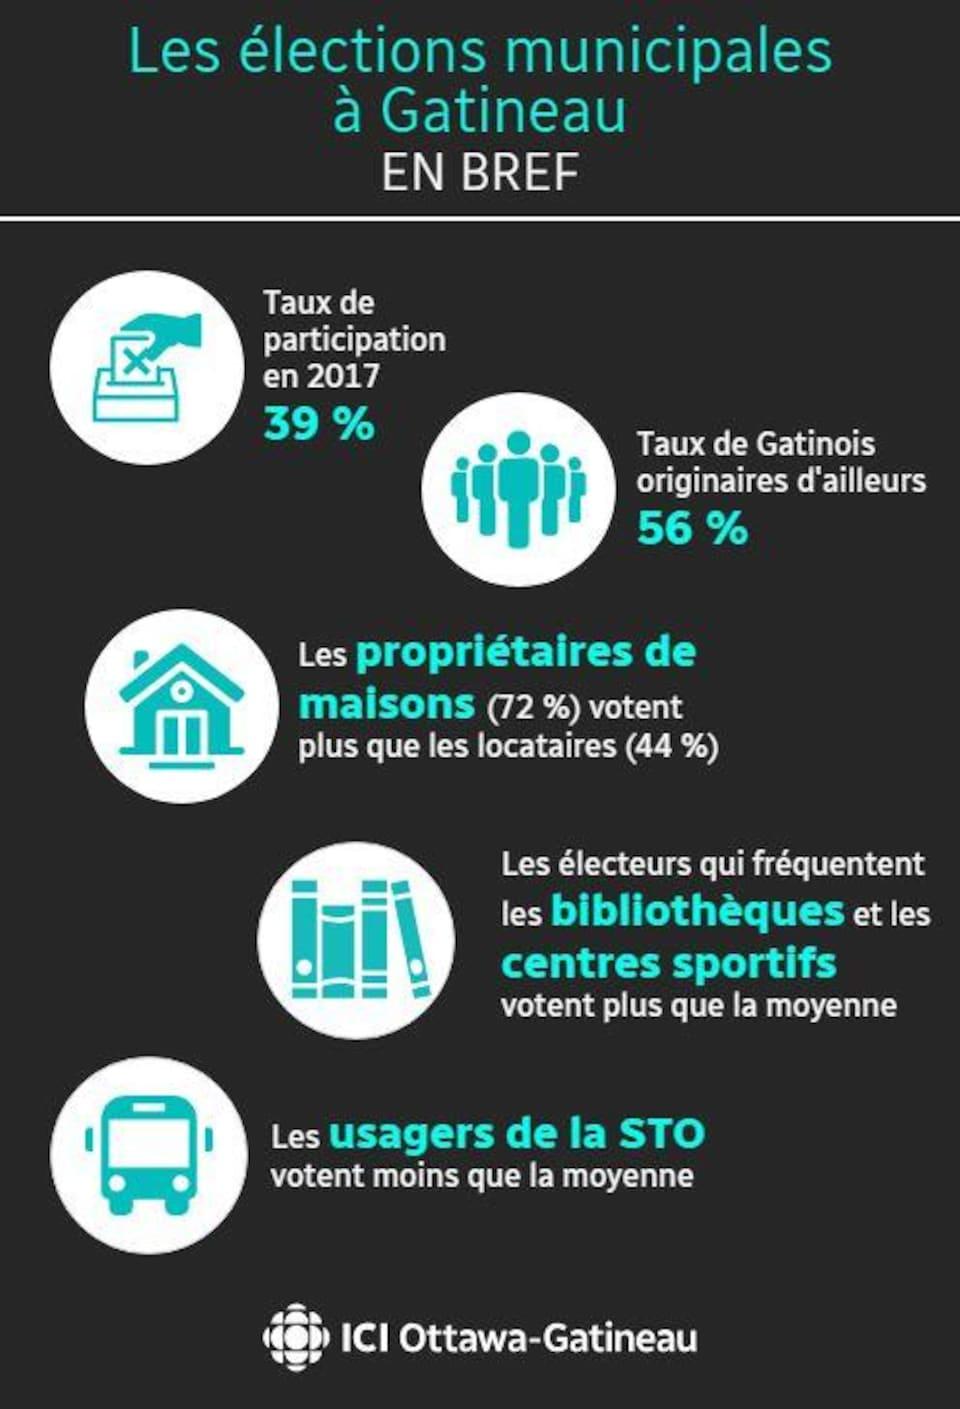 Les élections municipales à Gatineau en bref. Le taux de participation en 2017 s'élevait à 39 %. Le taux de Gatinois originaires d'ailleurs est de 56 %. Les propriétaires de maisons votent  plus de ques locataires, à 72 % contre 44 %. Les électeurs qui fréquentent les centres sportifs et les bibliothèques votente plus que la moyenne. Les usagers de la STO votente plus que la moyenne.